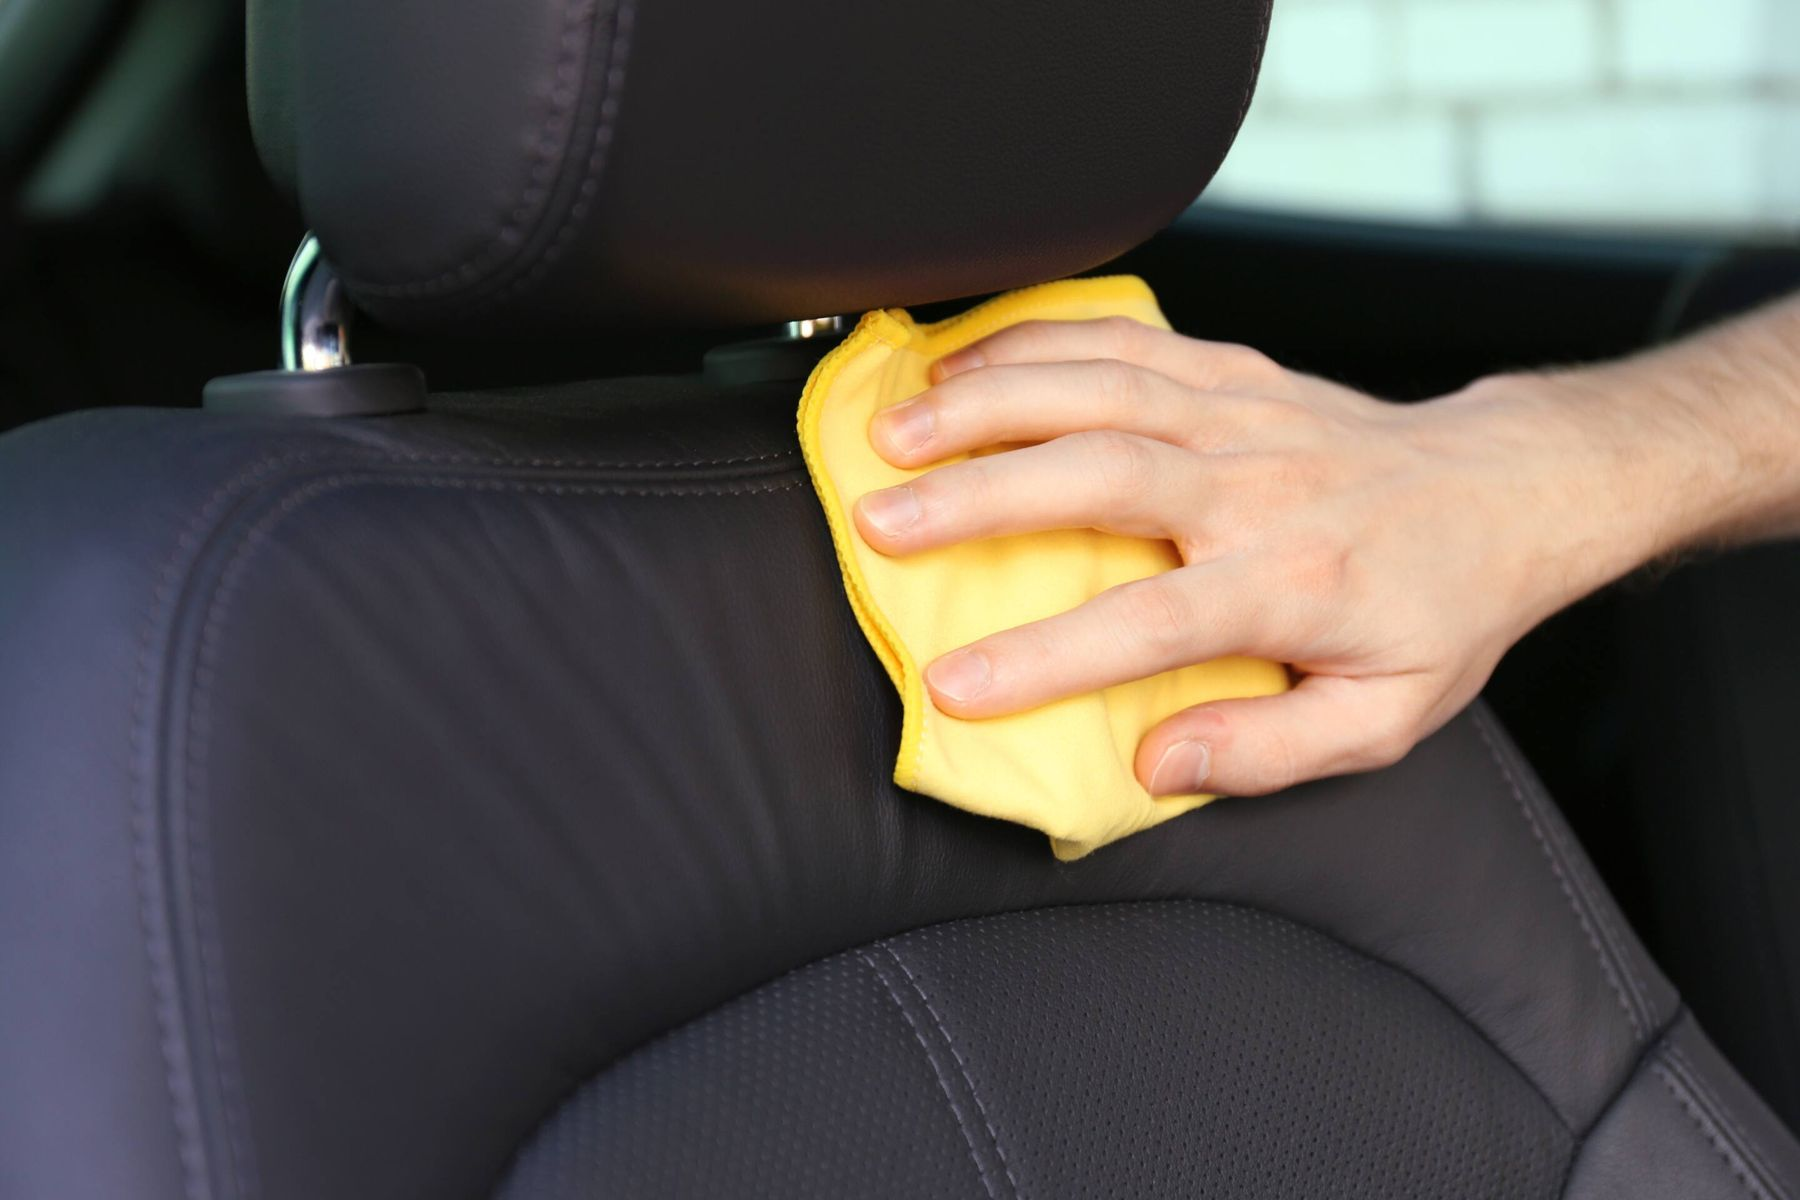 Araba Temizliği Nasıl Yapılır?